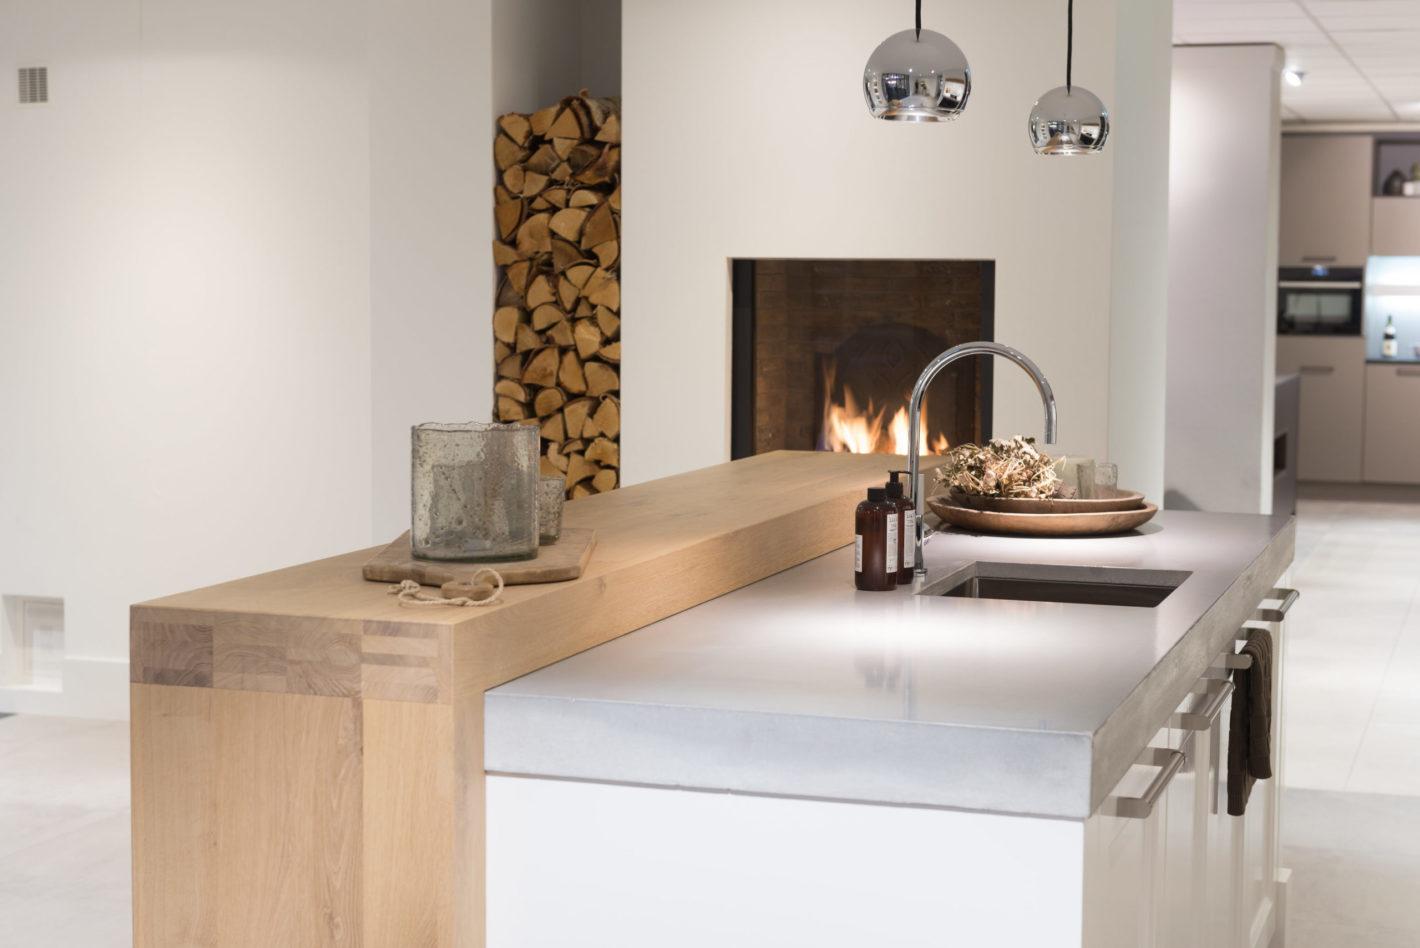 Handgemaakte keuken lifestyle Design:3.0